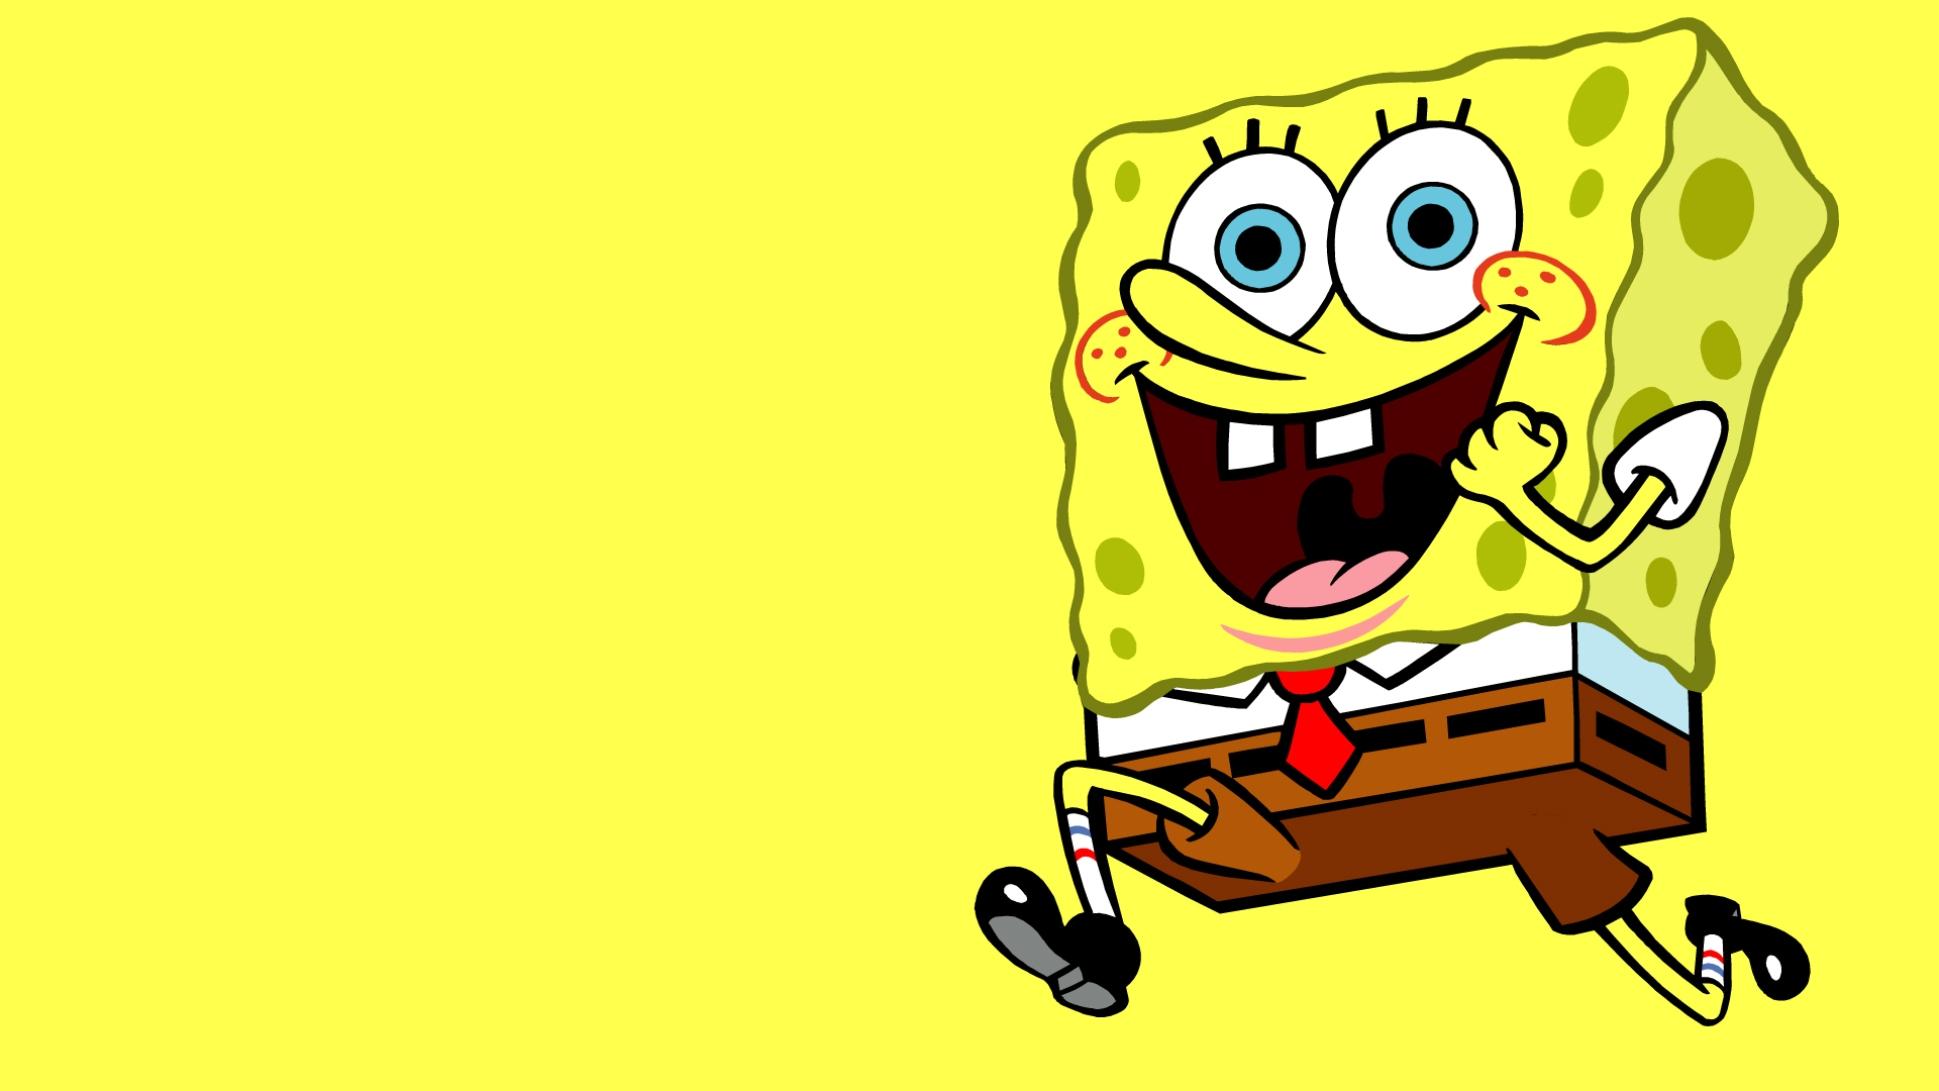 Spongebob Square Pants Characters - ClipArt Best